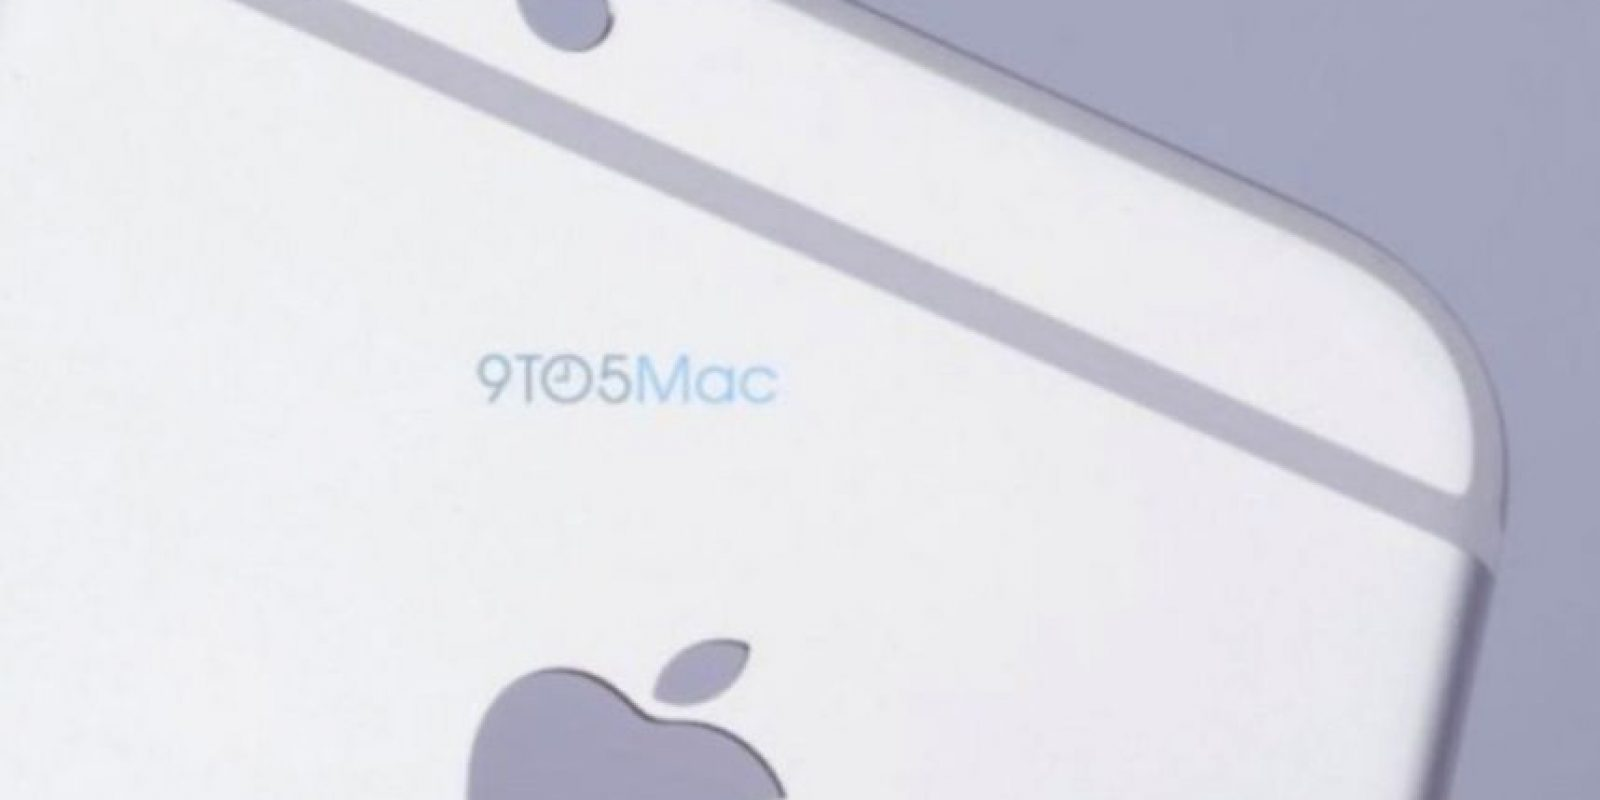 La parte trasera del nuevo dispositivo Foto:vía 9to5Mac.com